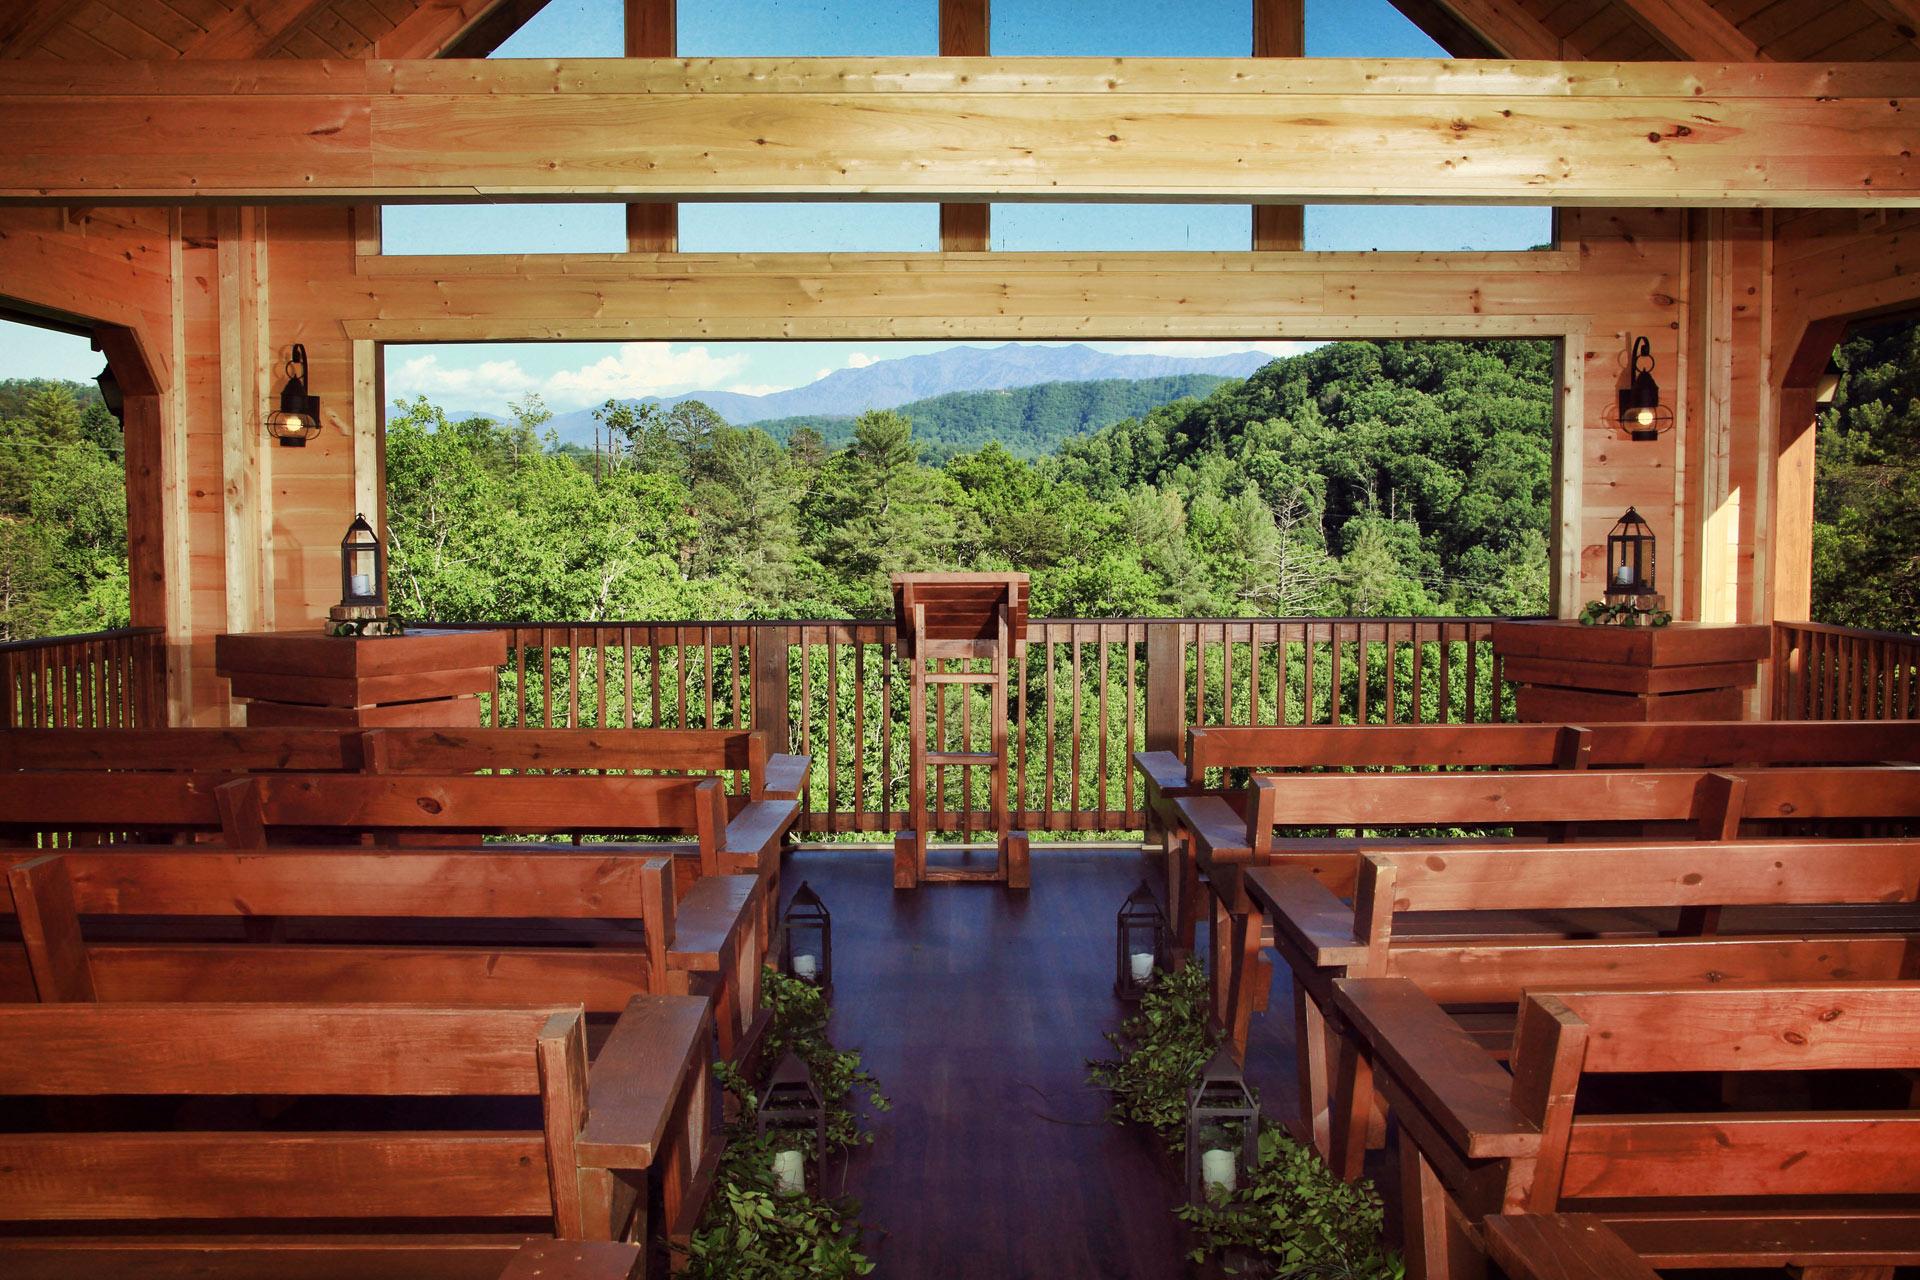 Parkside-Resort-Smoky-Mountain-Pavillion-01b